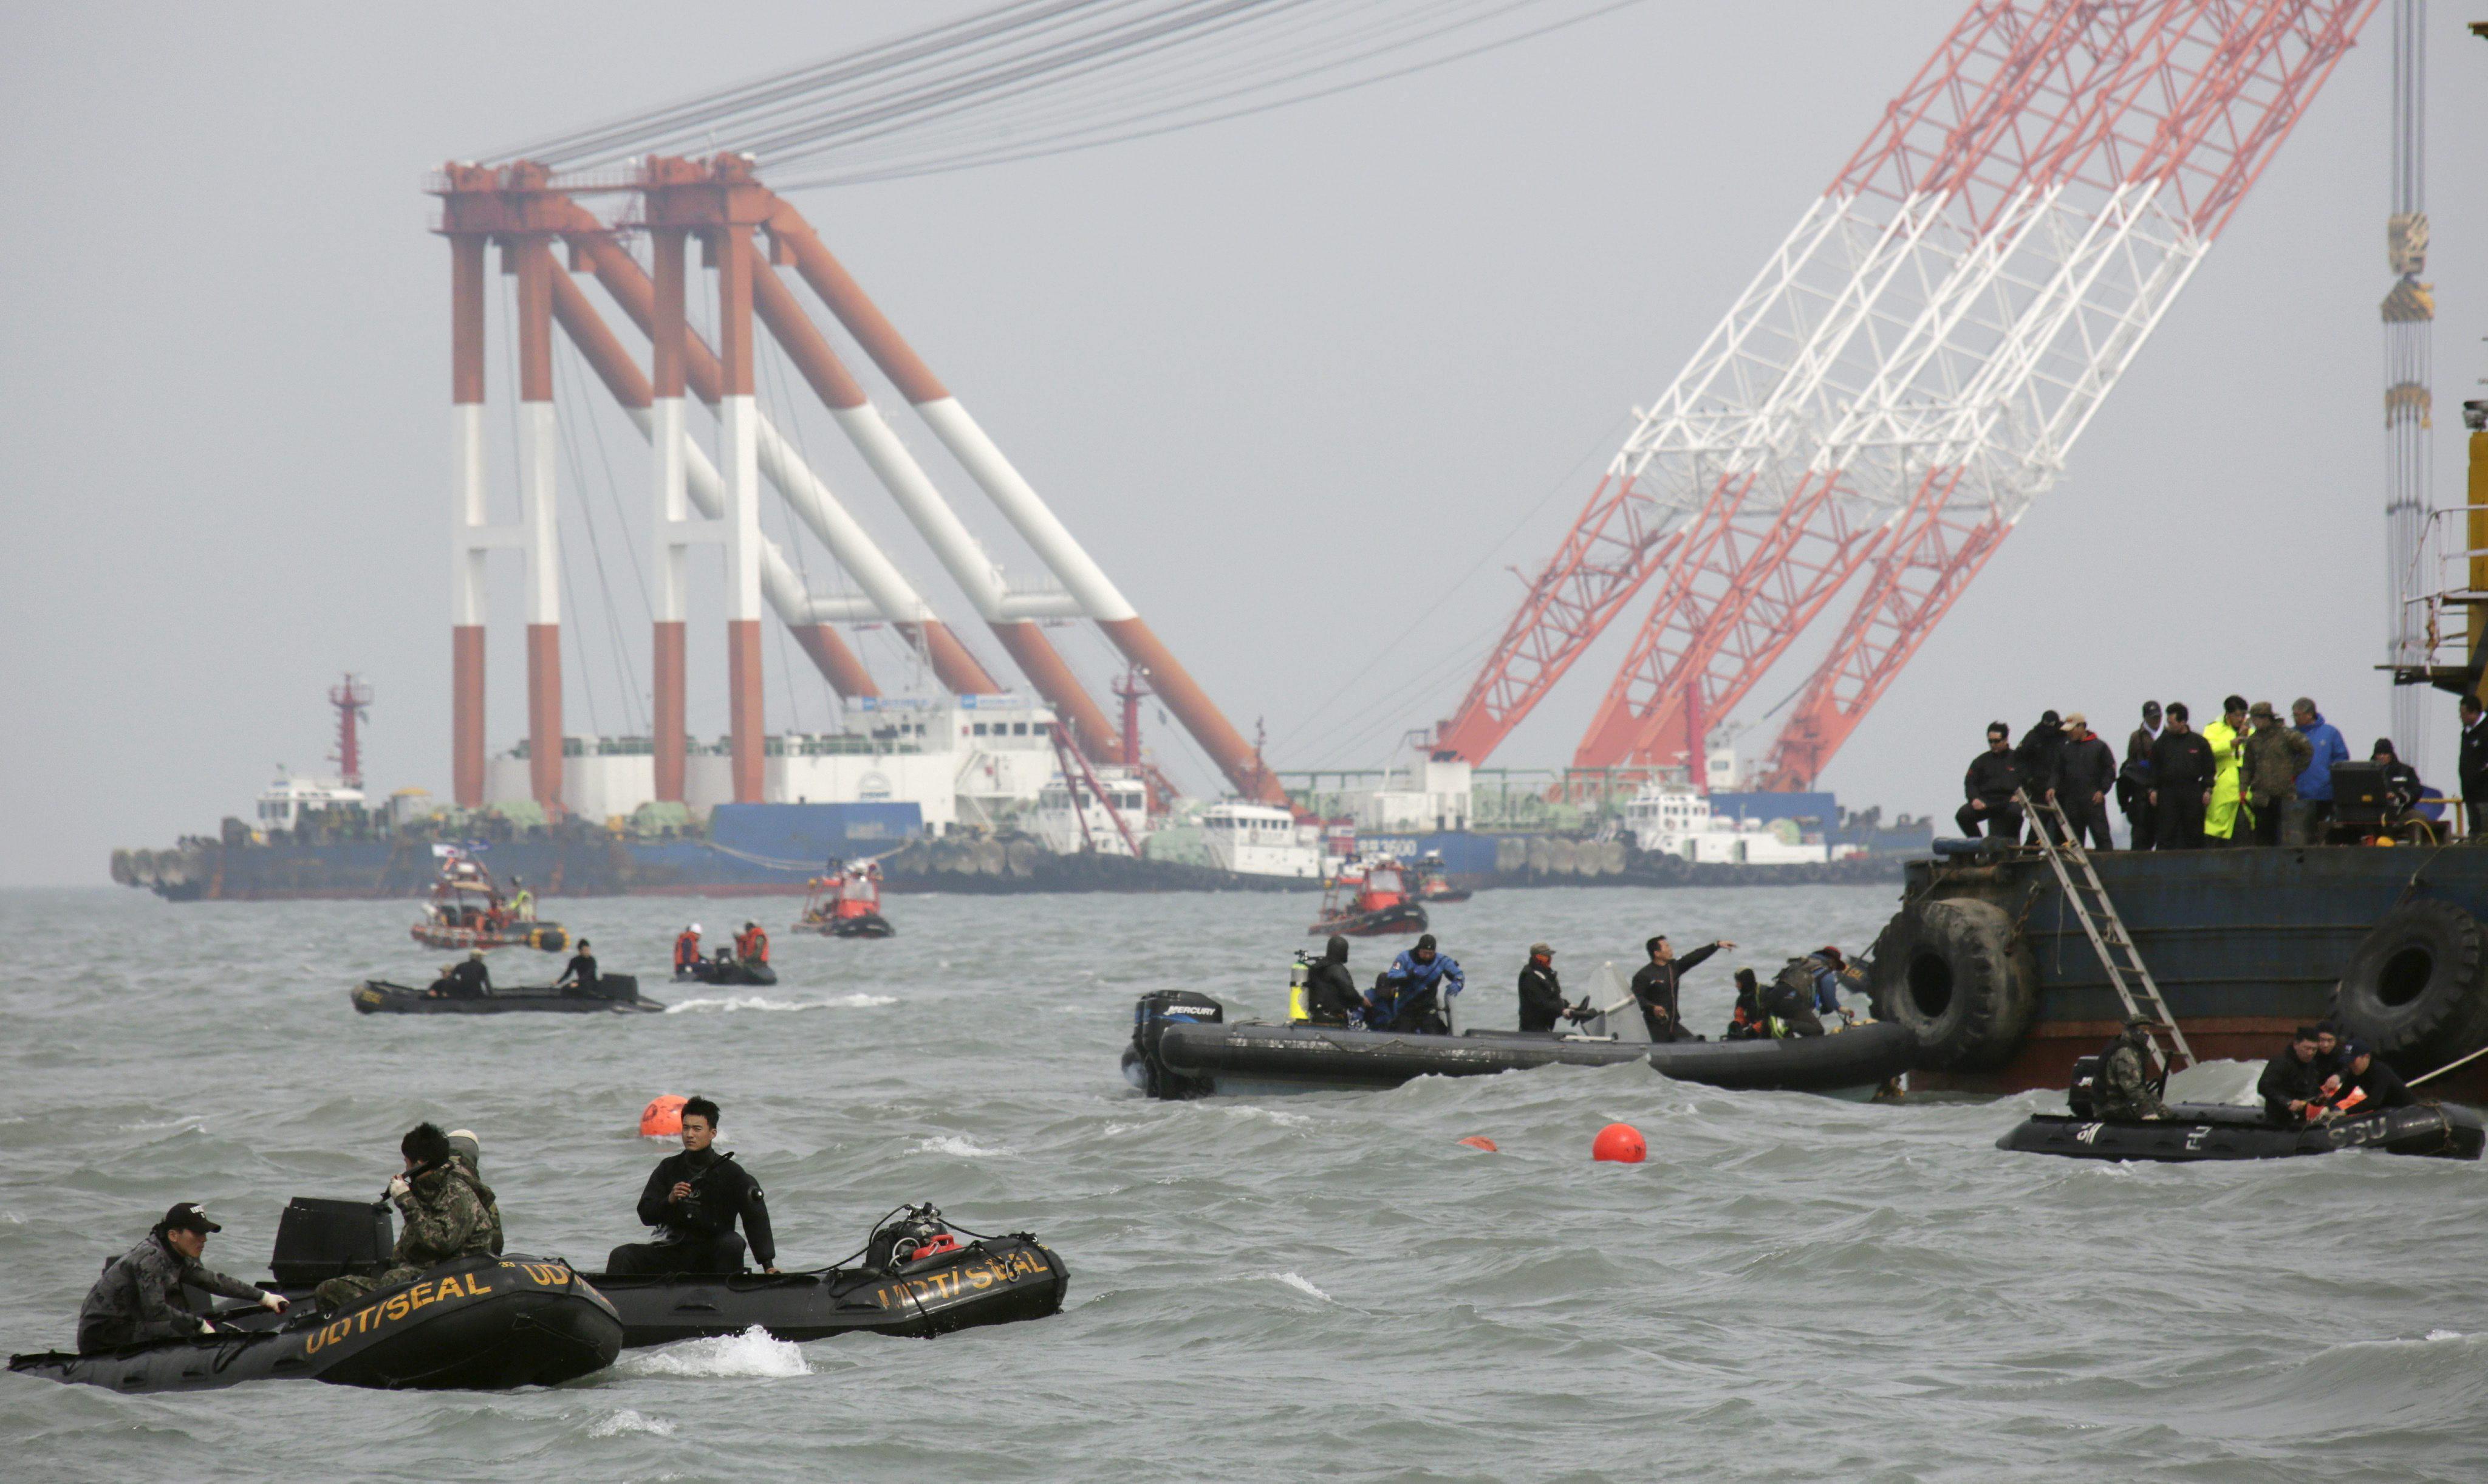 La empresa del Sewol pide perdón a familiares y víctimas del naufragio